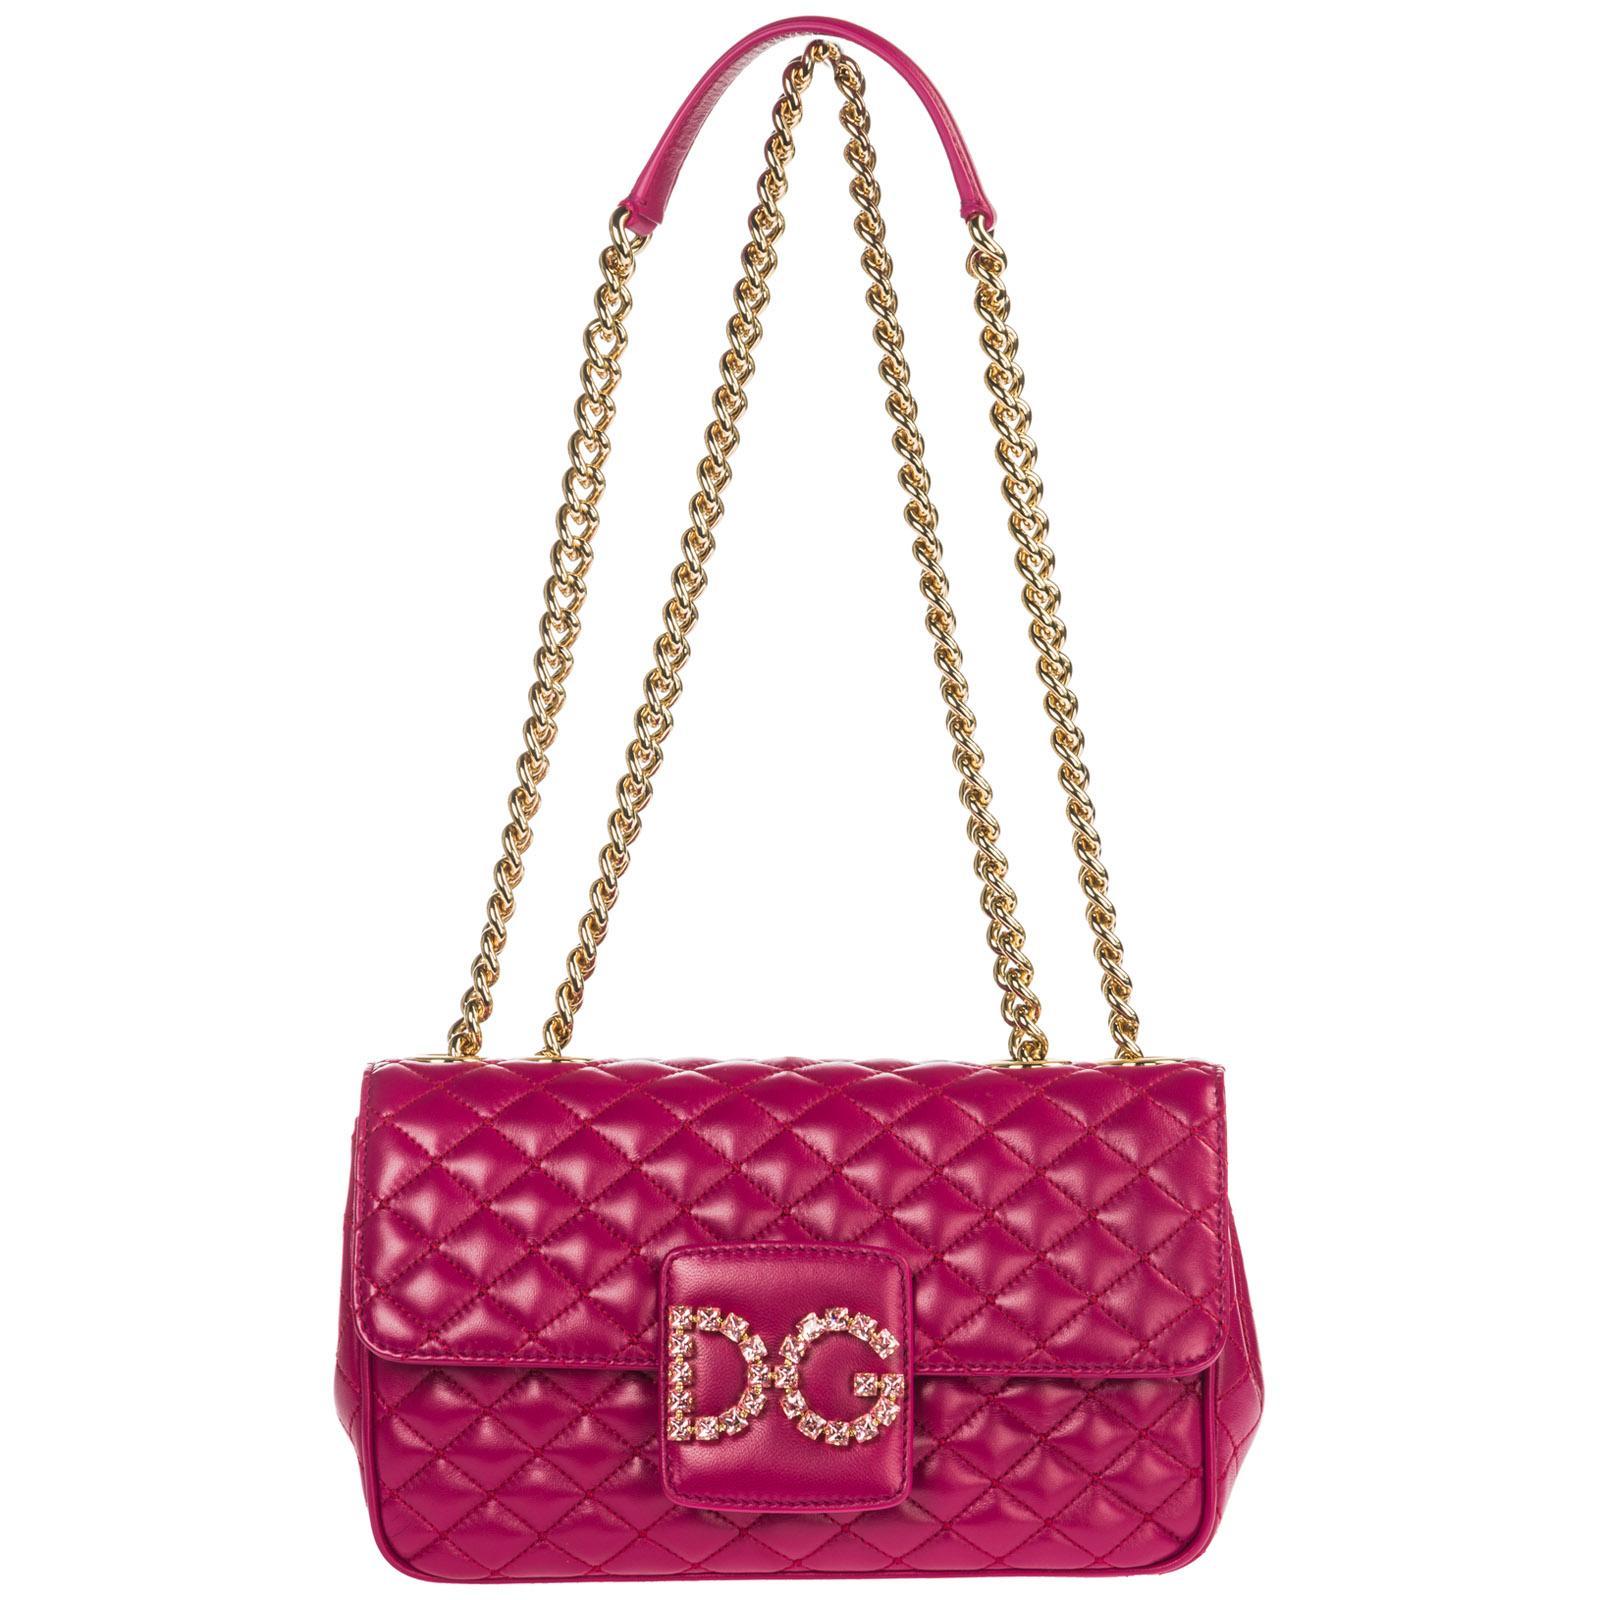 Dolce   Gabbana - Pink Leather Shoulder Bag Dg Millennials - Lyst. View  fullscreen 445bc034a5